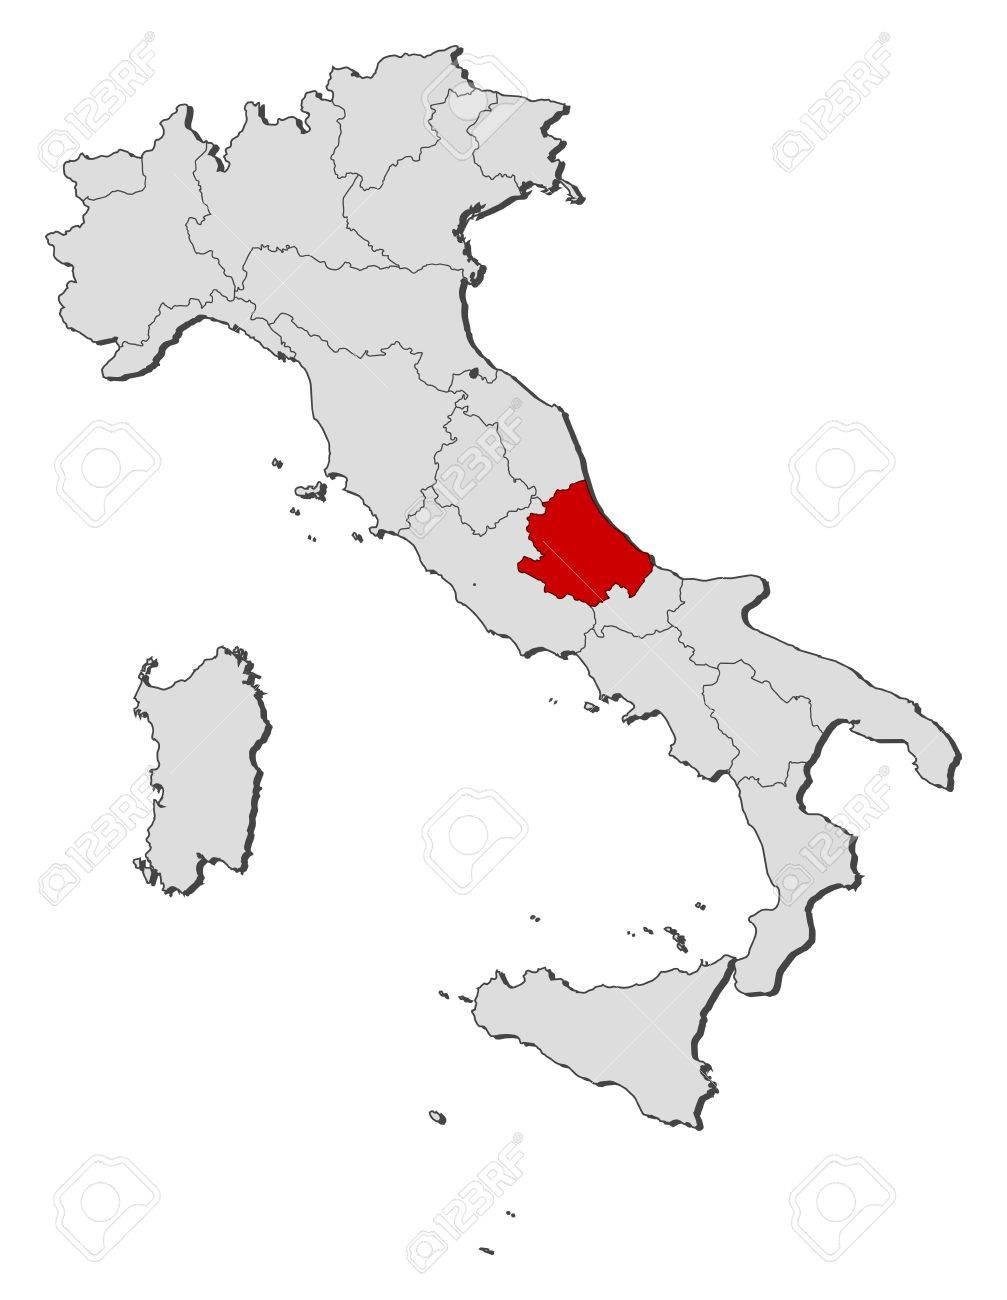 Cartina Italia Vettoriale.Vettoriale Mappa Politica D Italia Con Varie Regioni In Cui E Evidenziato Abruzzo Image 11346293